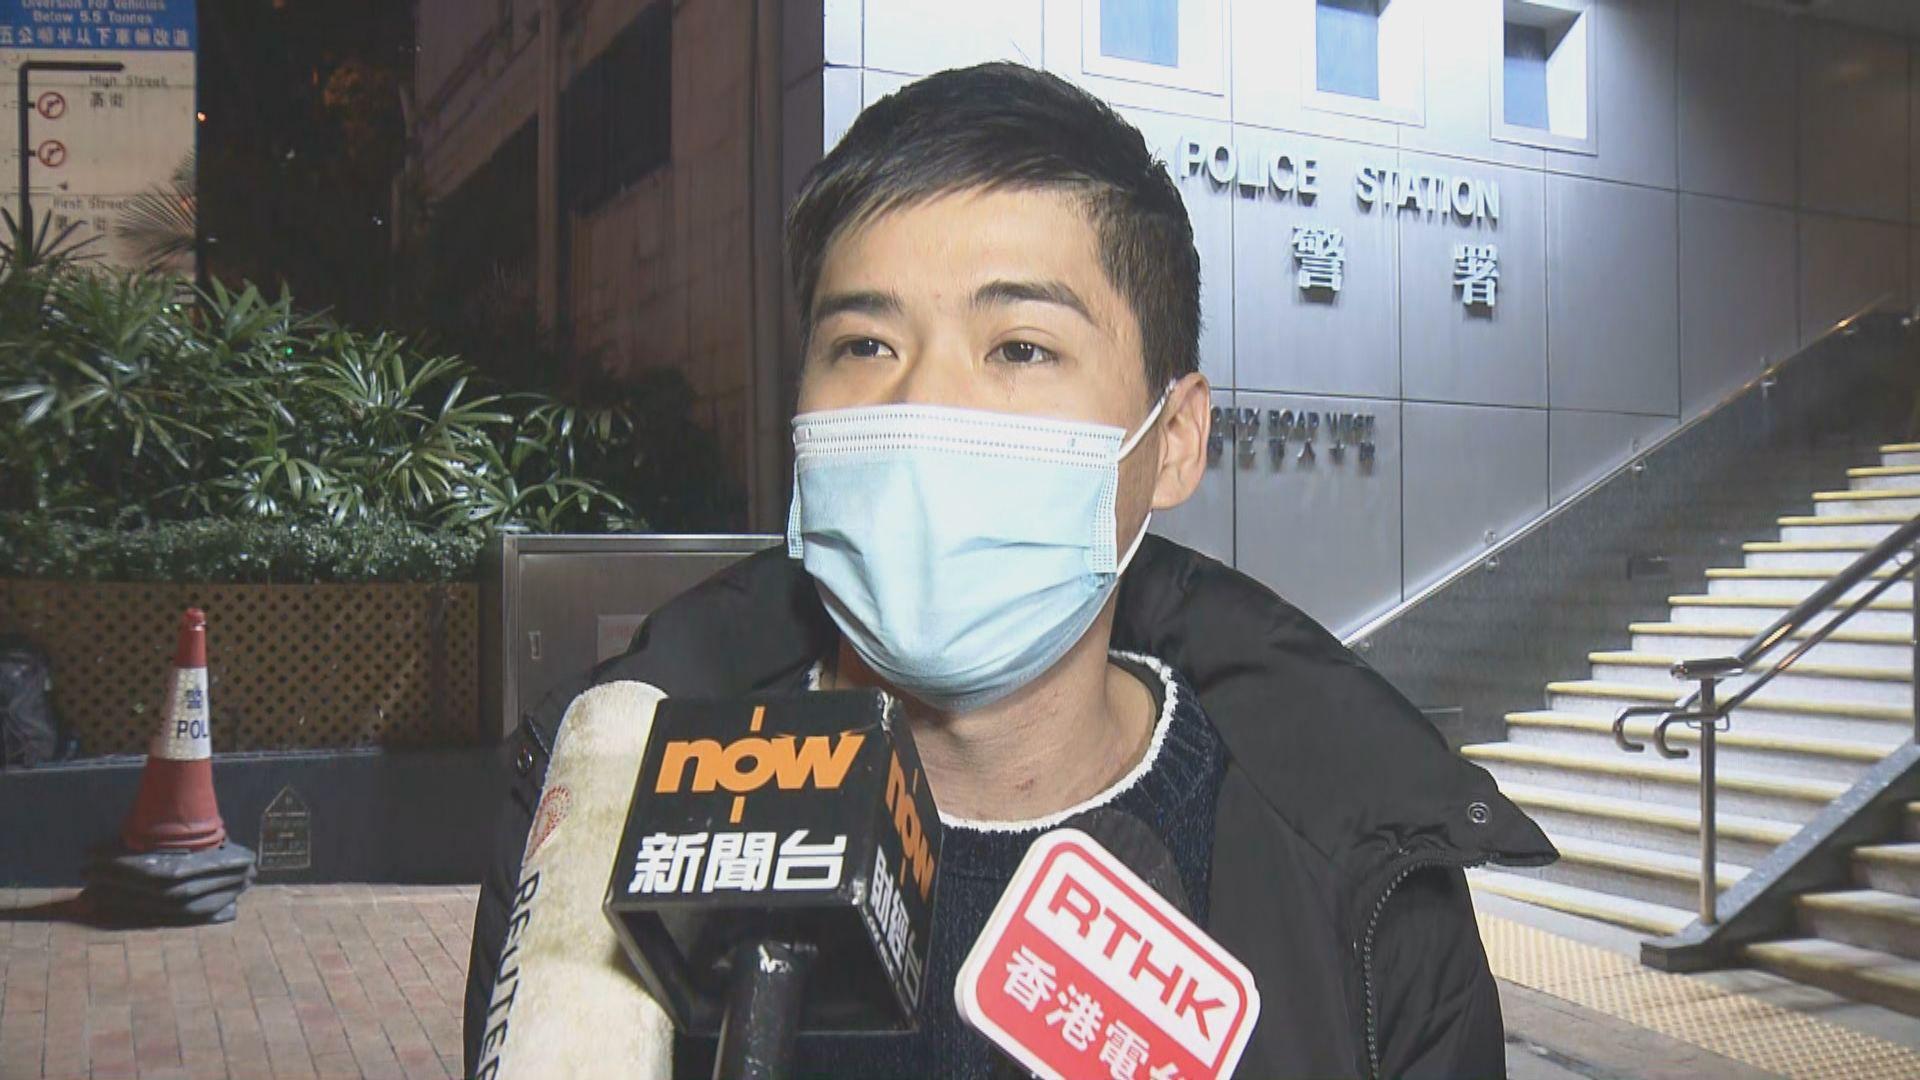 岑敖暉獲准保釋 指政府將反對派參選等同顛覆國家政權說法荒謬